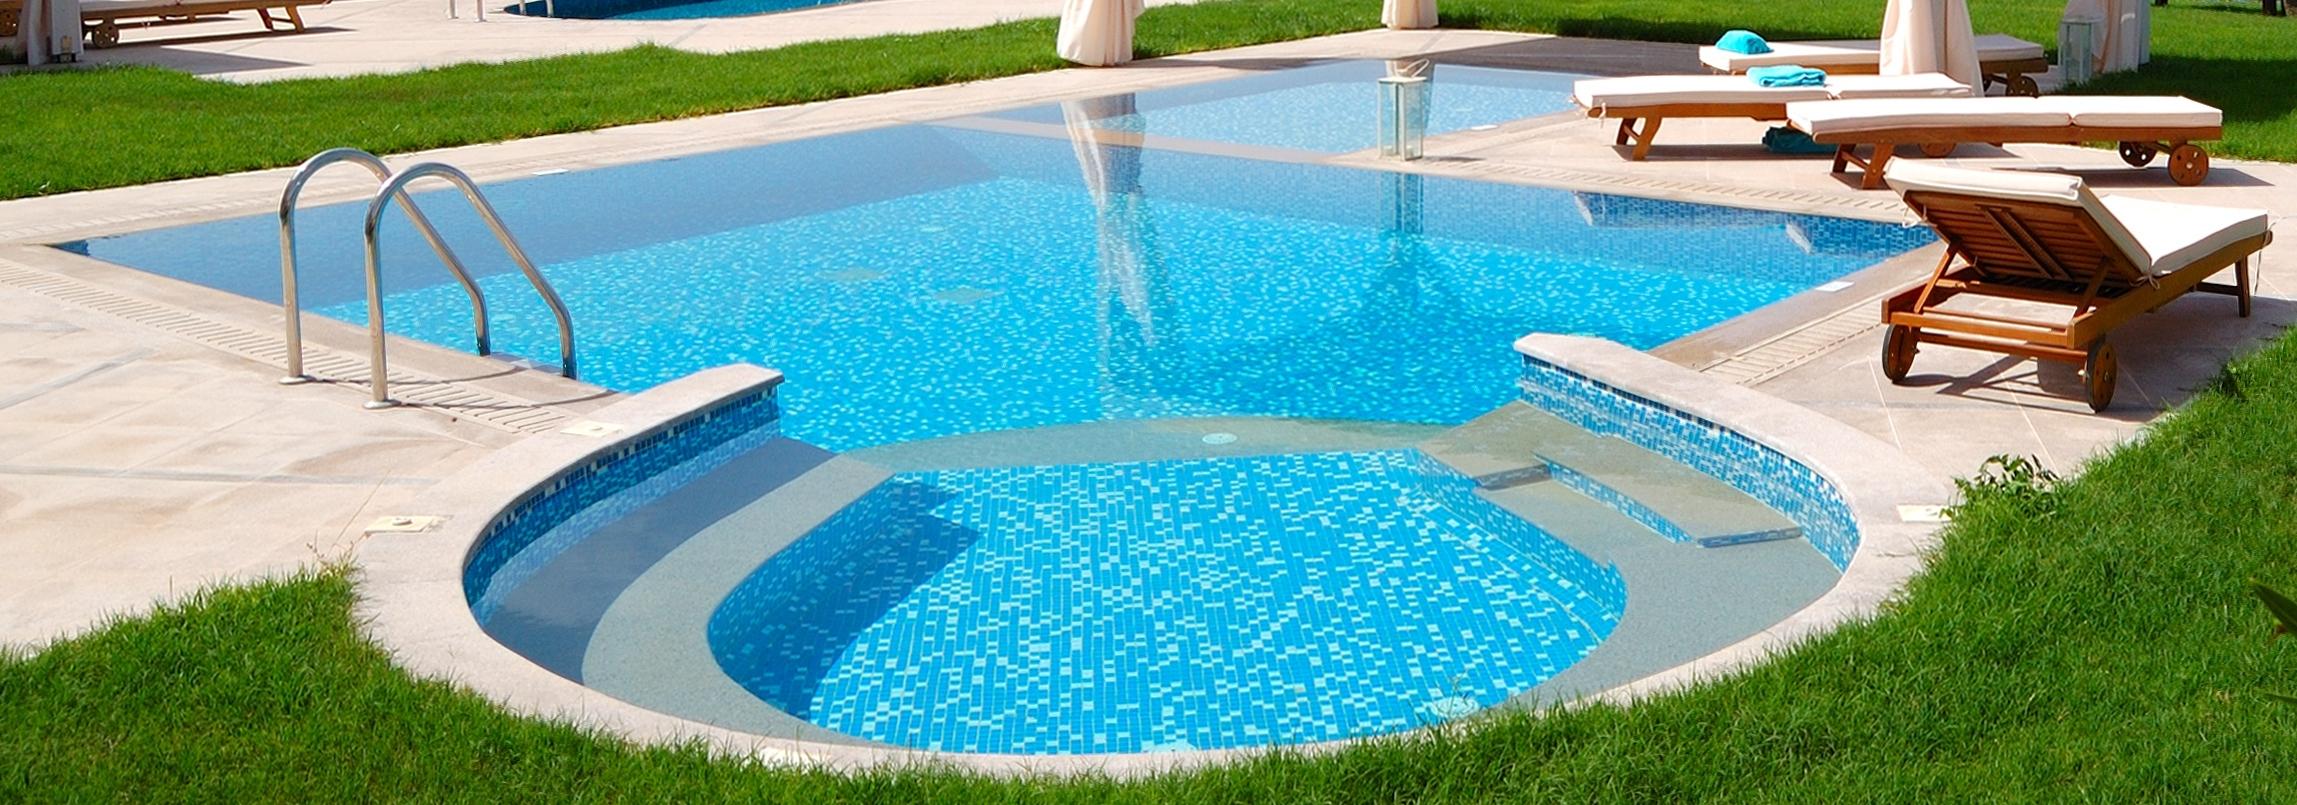 10 dicas para um tratamento de água adequado da piscina